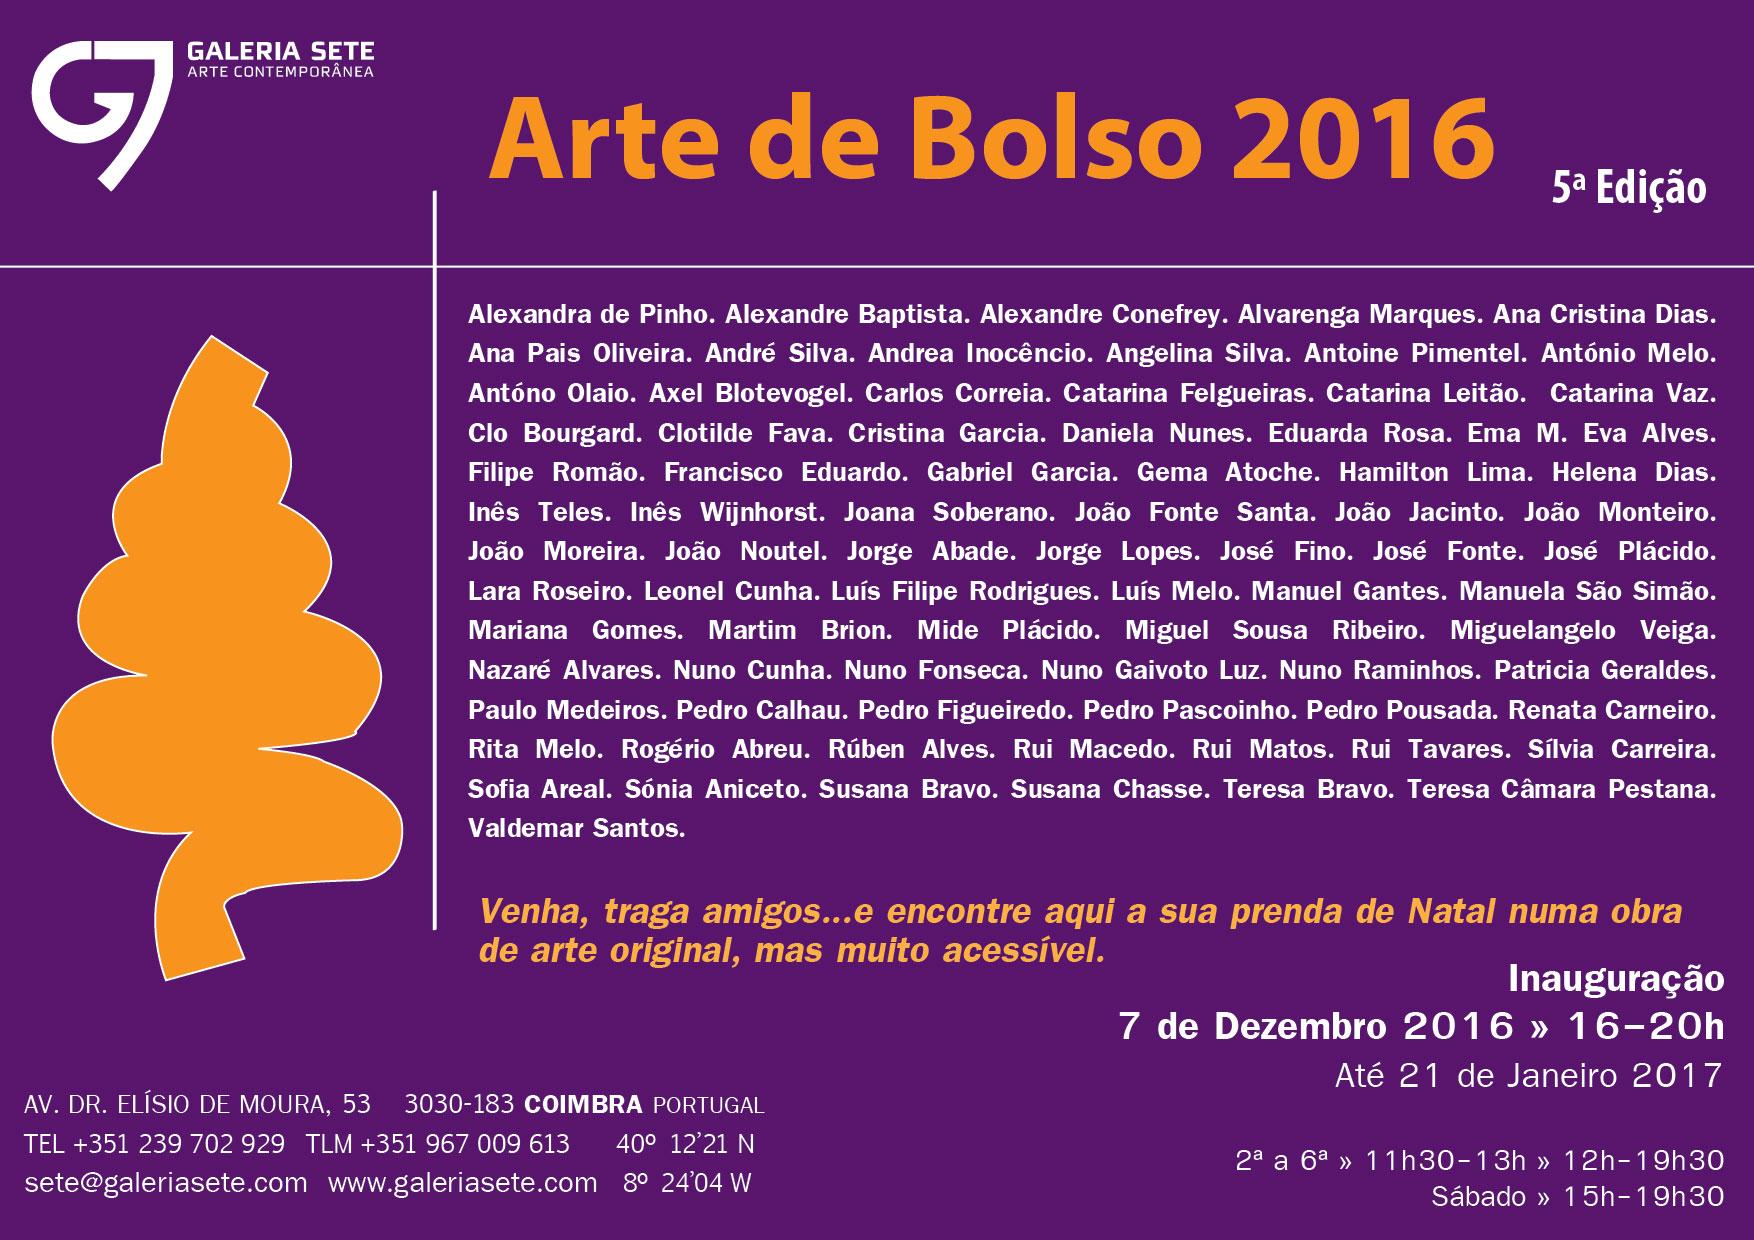 convite_arte-de-bolso2016-